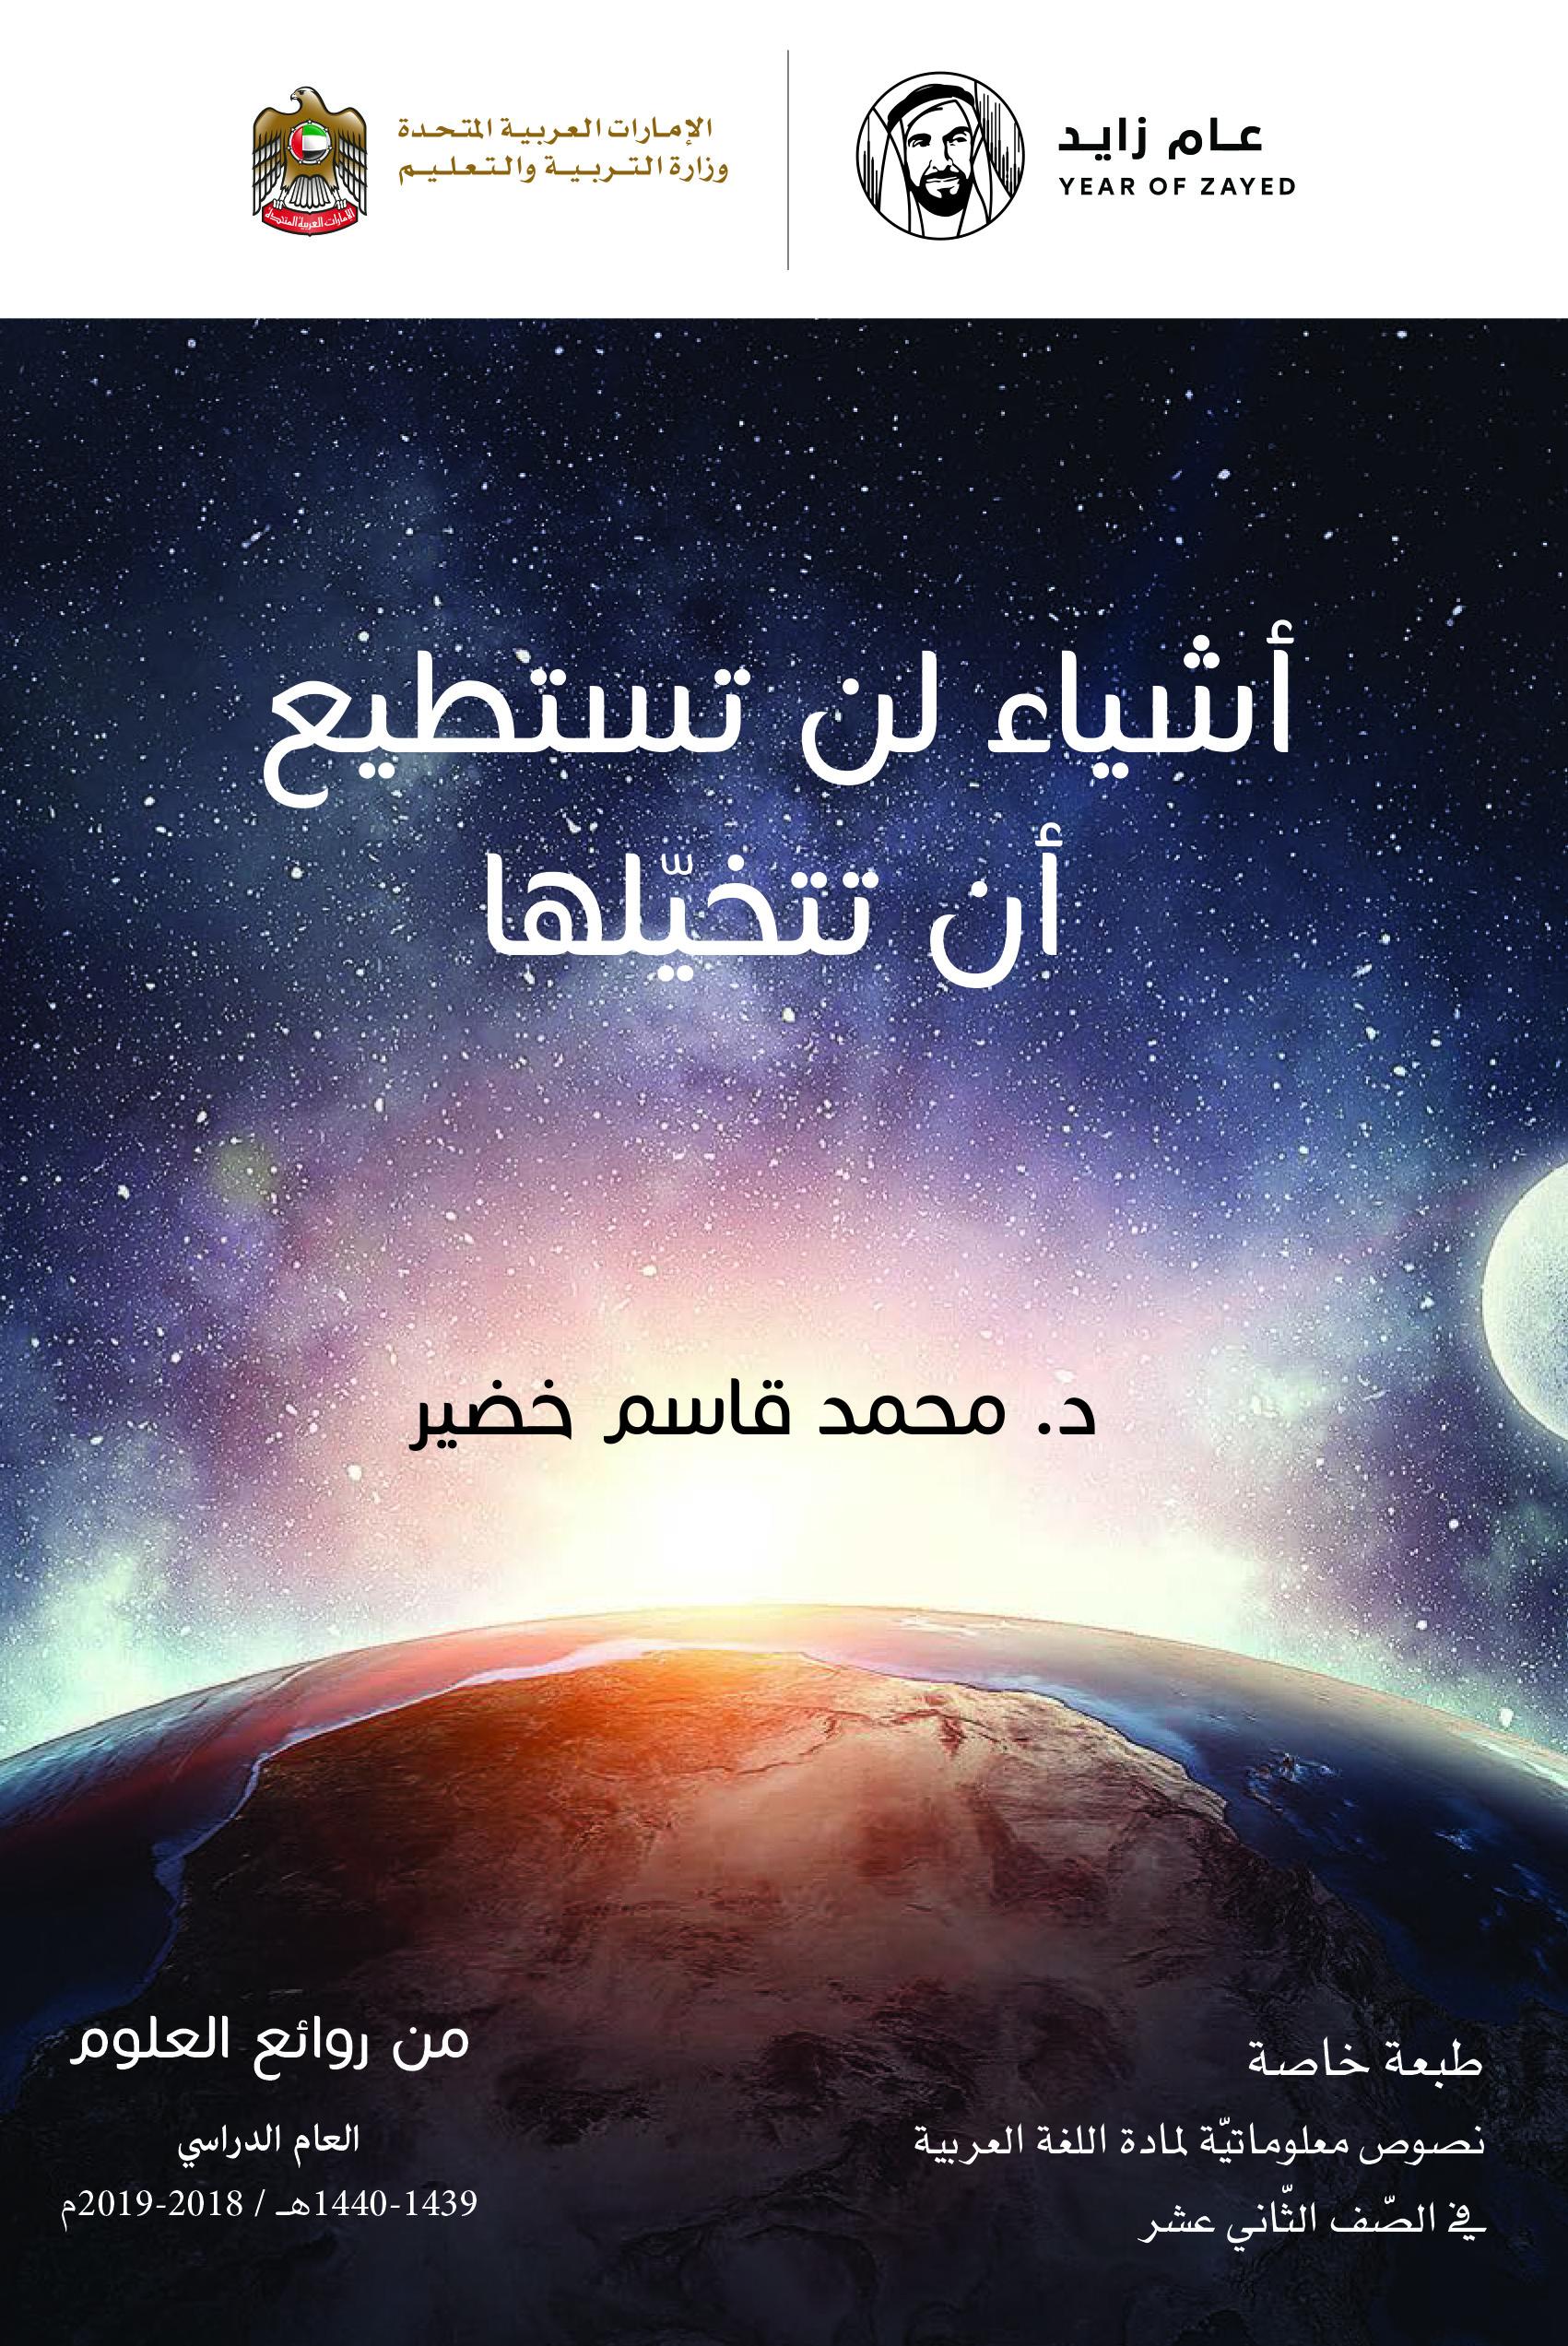 اللغة العربية - أشياء لن تستطيع أن تتخيلها - الصف الثاني عشر